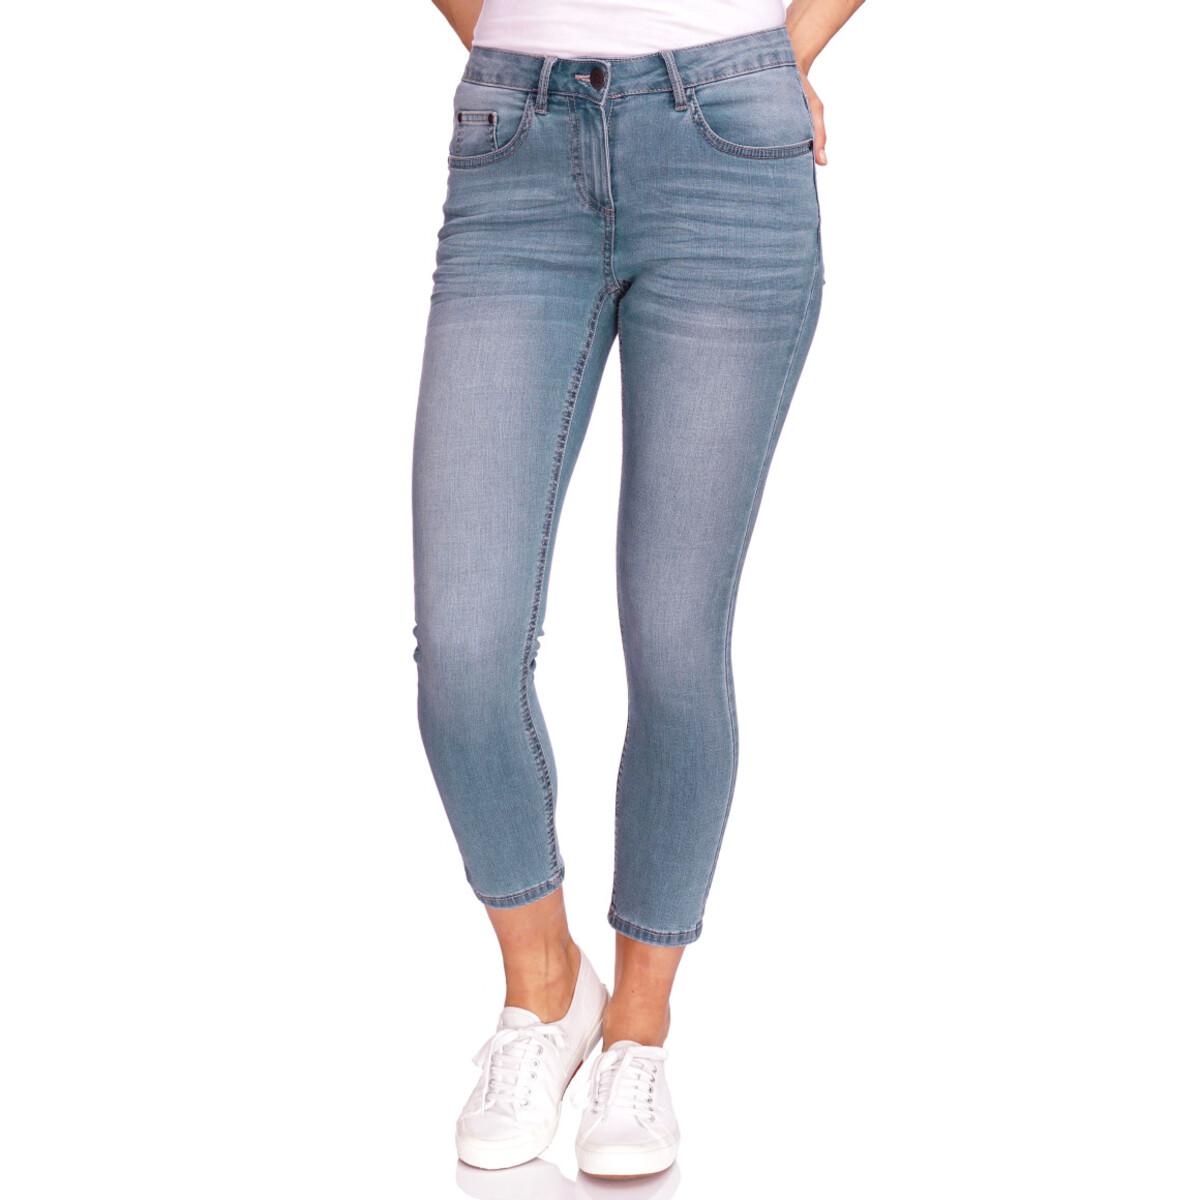 Bild 2 von 7/8 Damen Slim-Jeans mit Used-Waschung